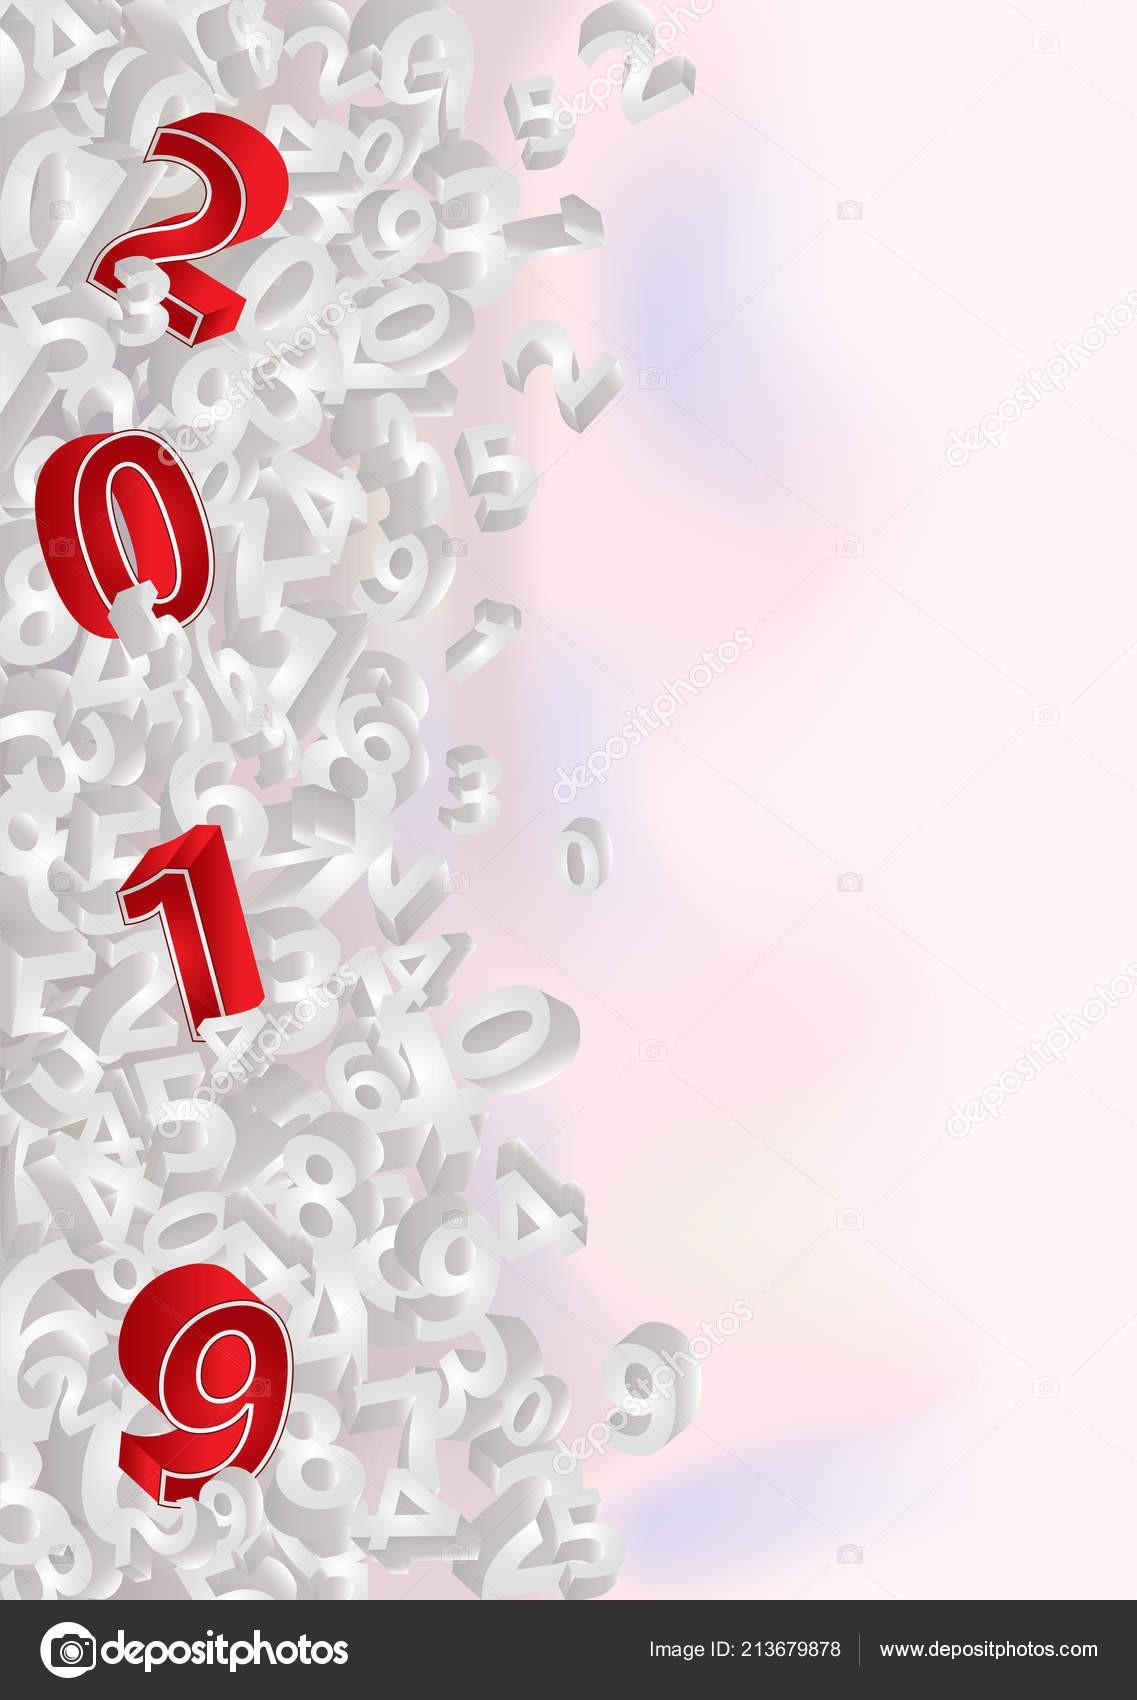 Hoja De Calendario Marzo 2019 Para Imprimir Más Recientes Fondos De Pantalla Fondos En 2019 Fondos De Pantalla